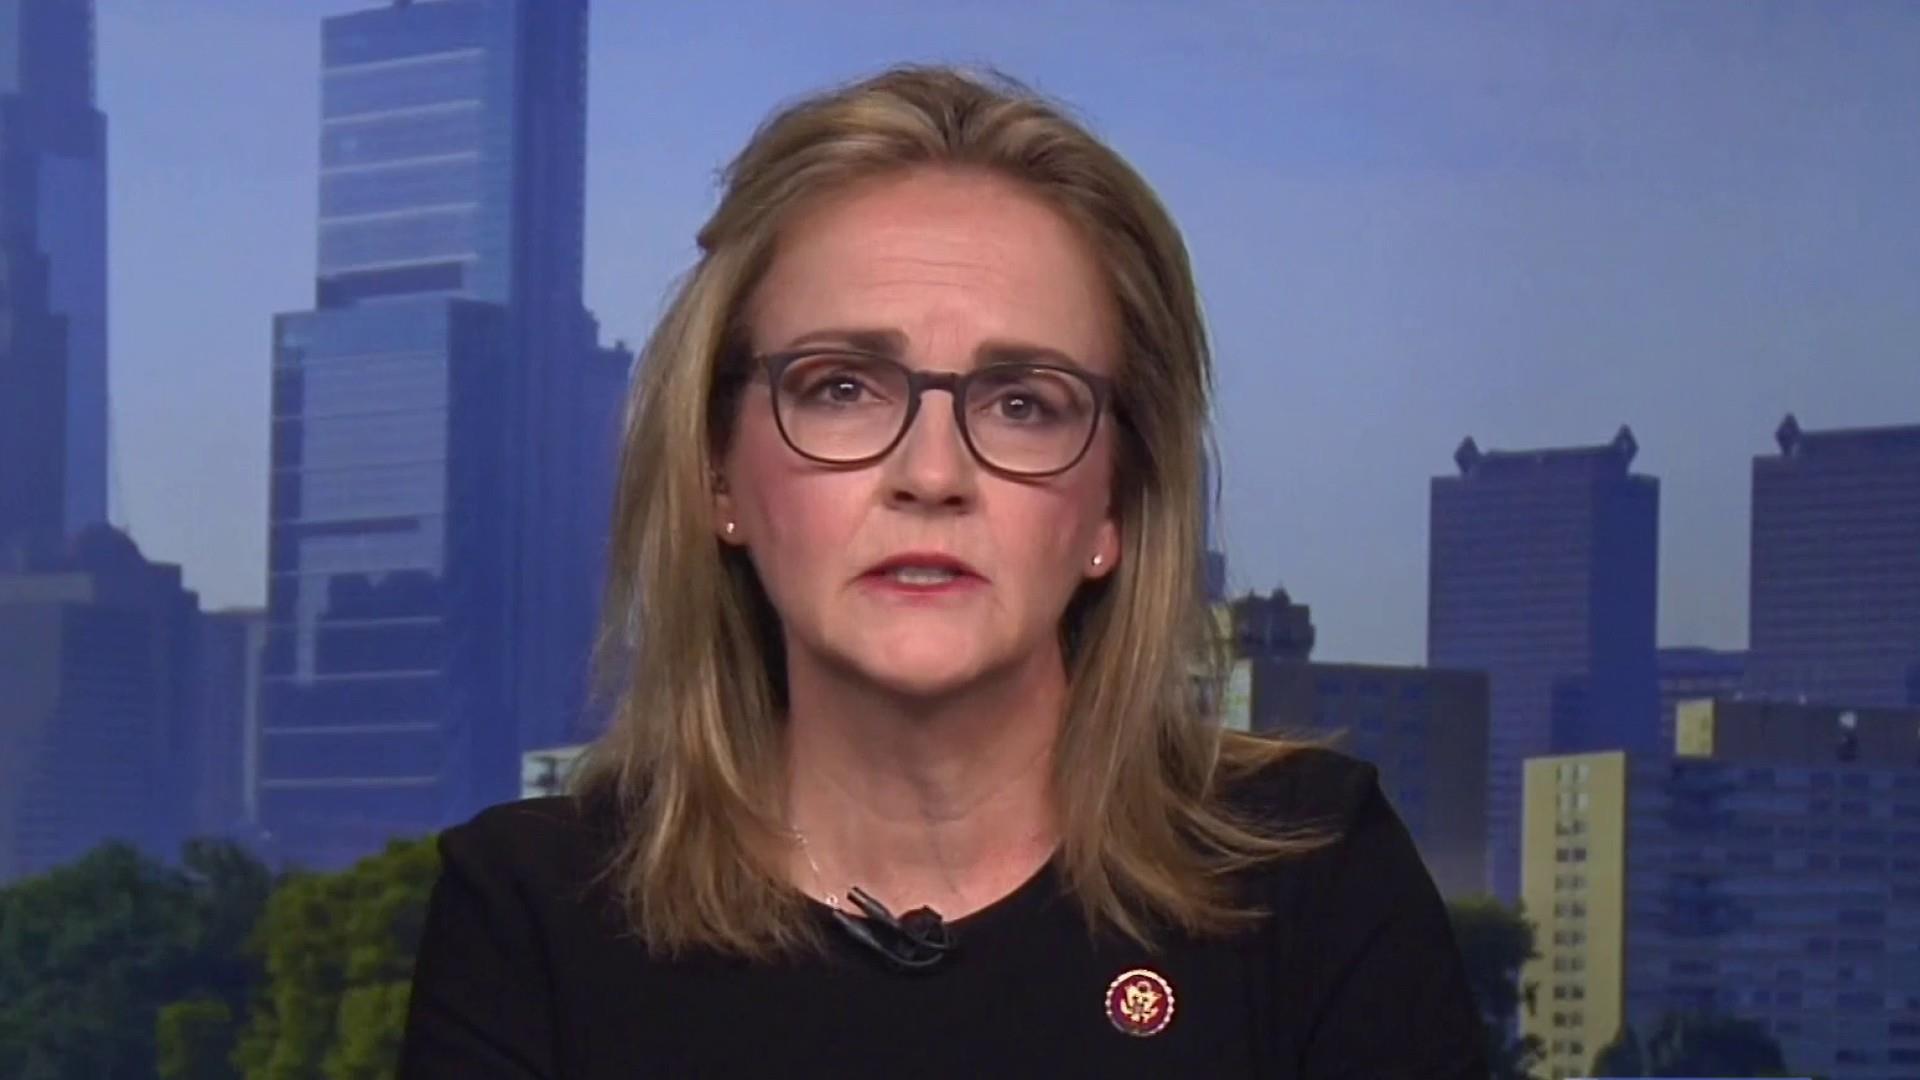 Rep. Dean: Barr lost all credibility